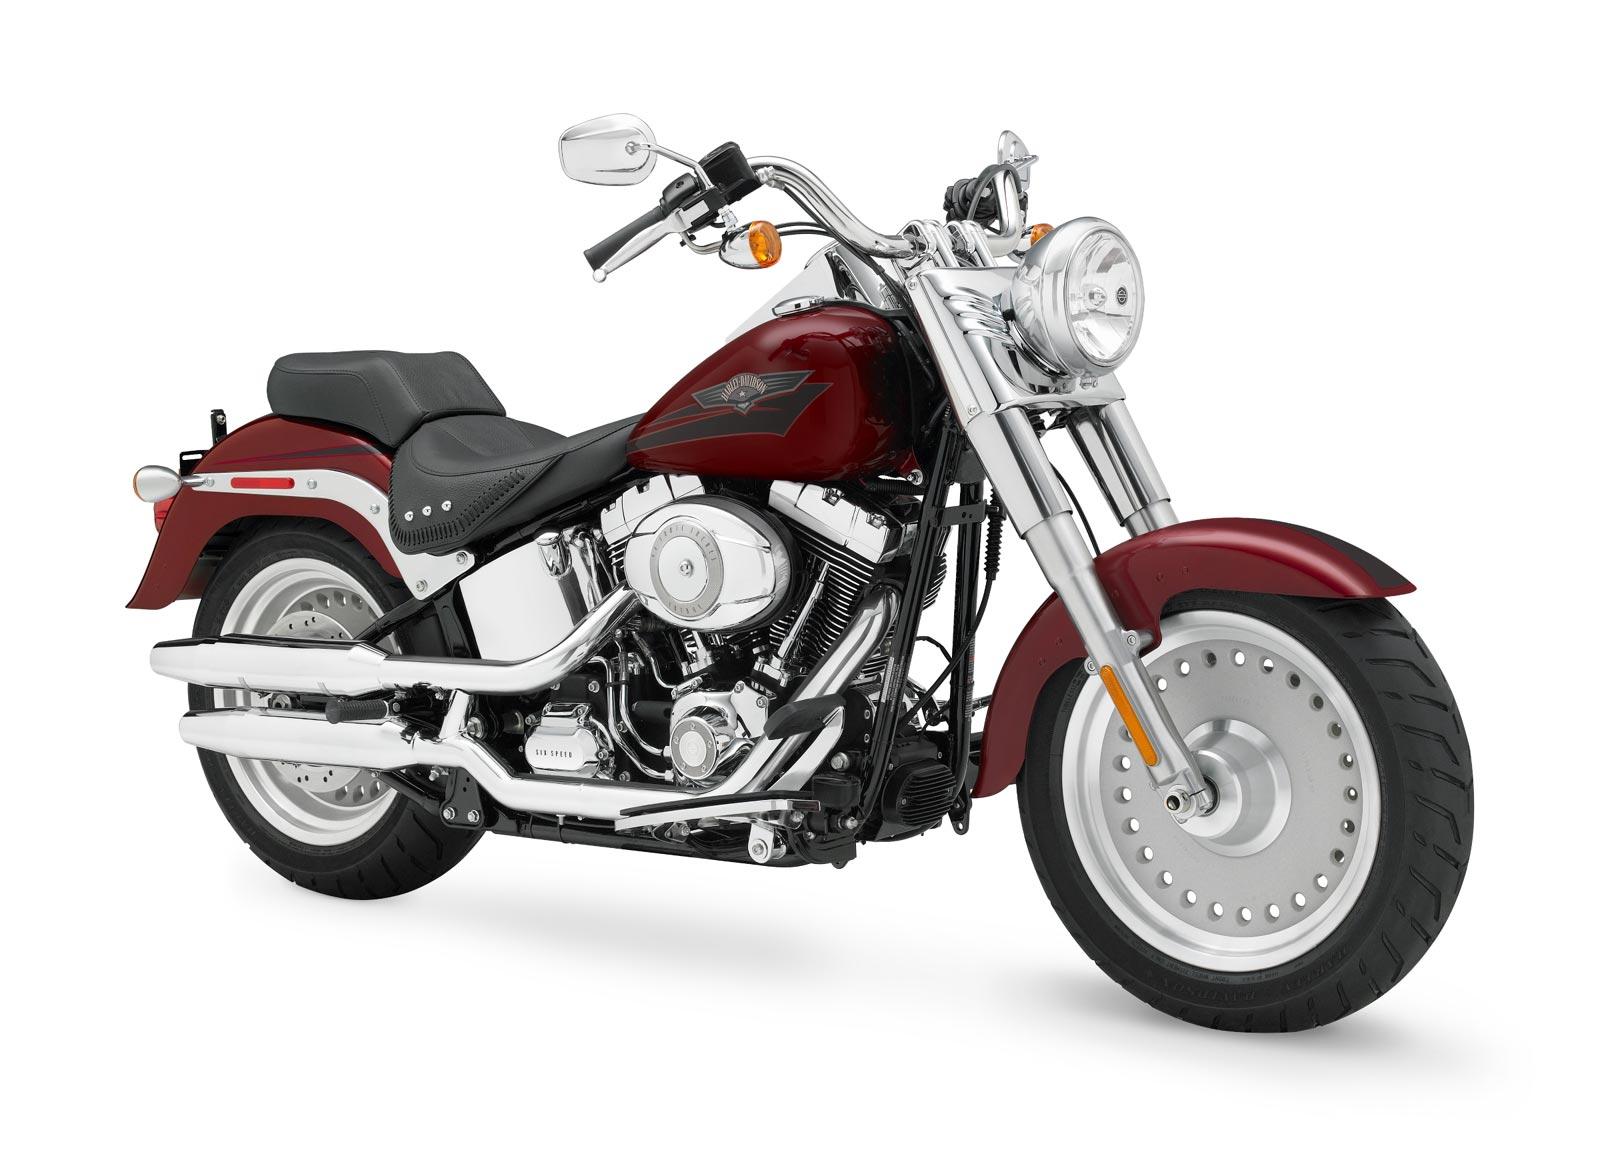 Graffiti Harley Davidson